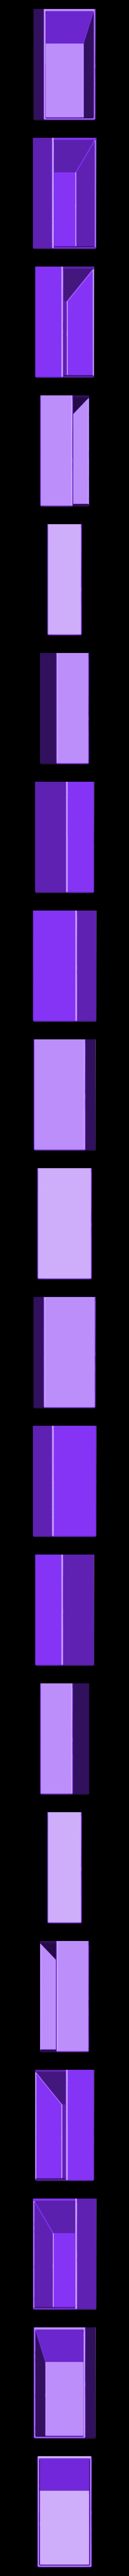 medium_drawer.stl Download free STL file Storage Cubes • 3D print object, Morcelkin